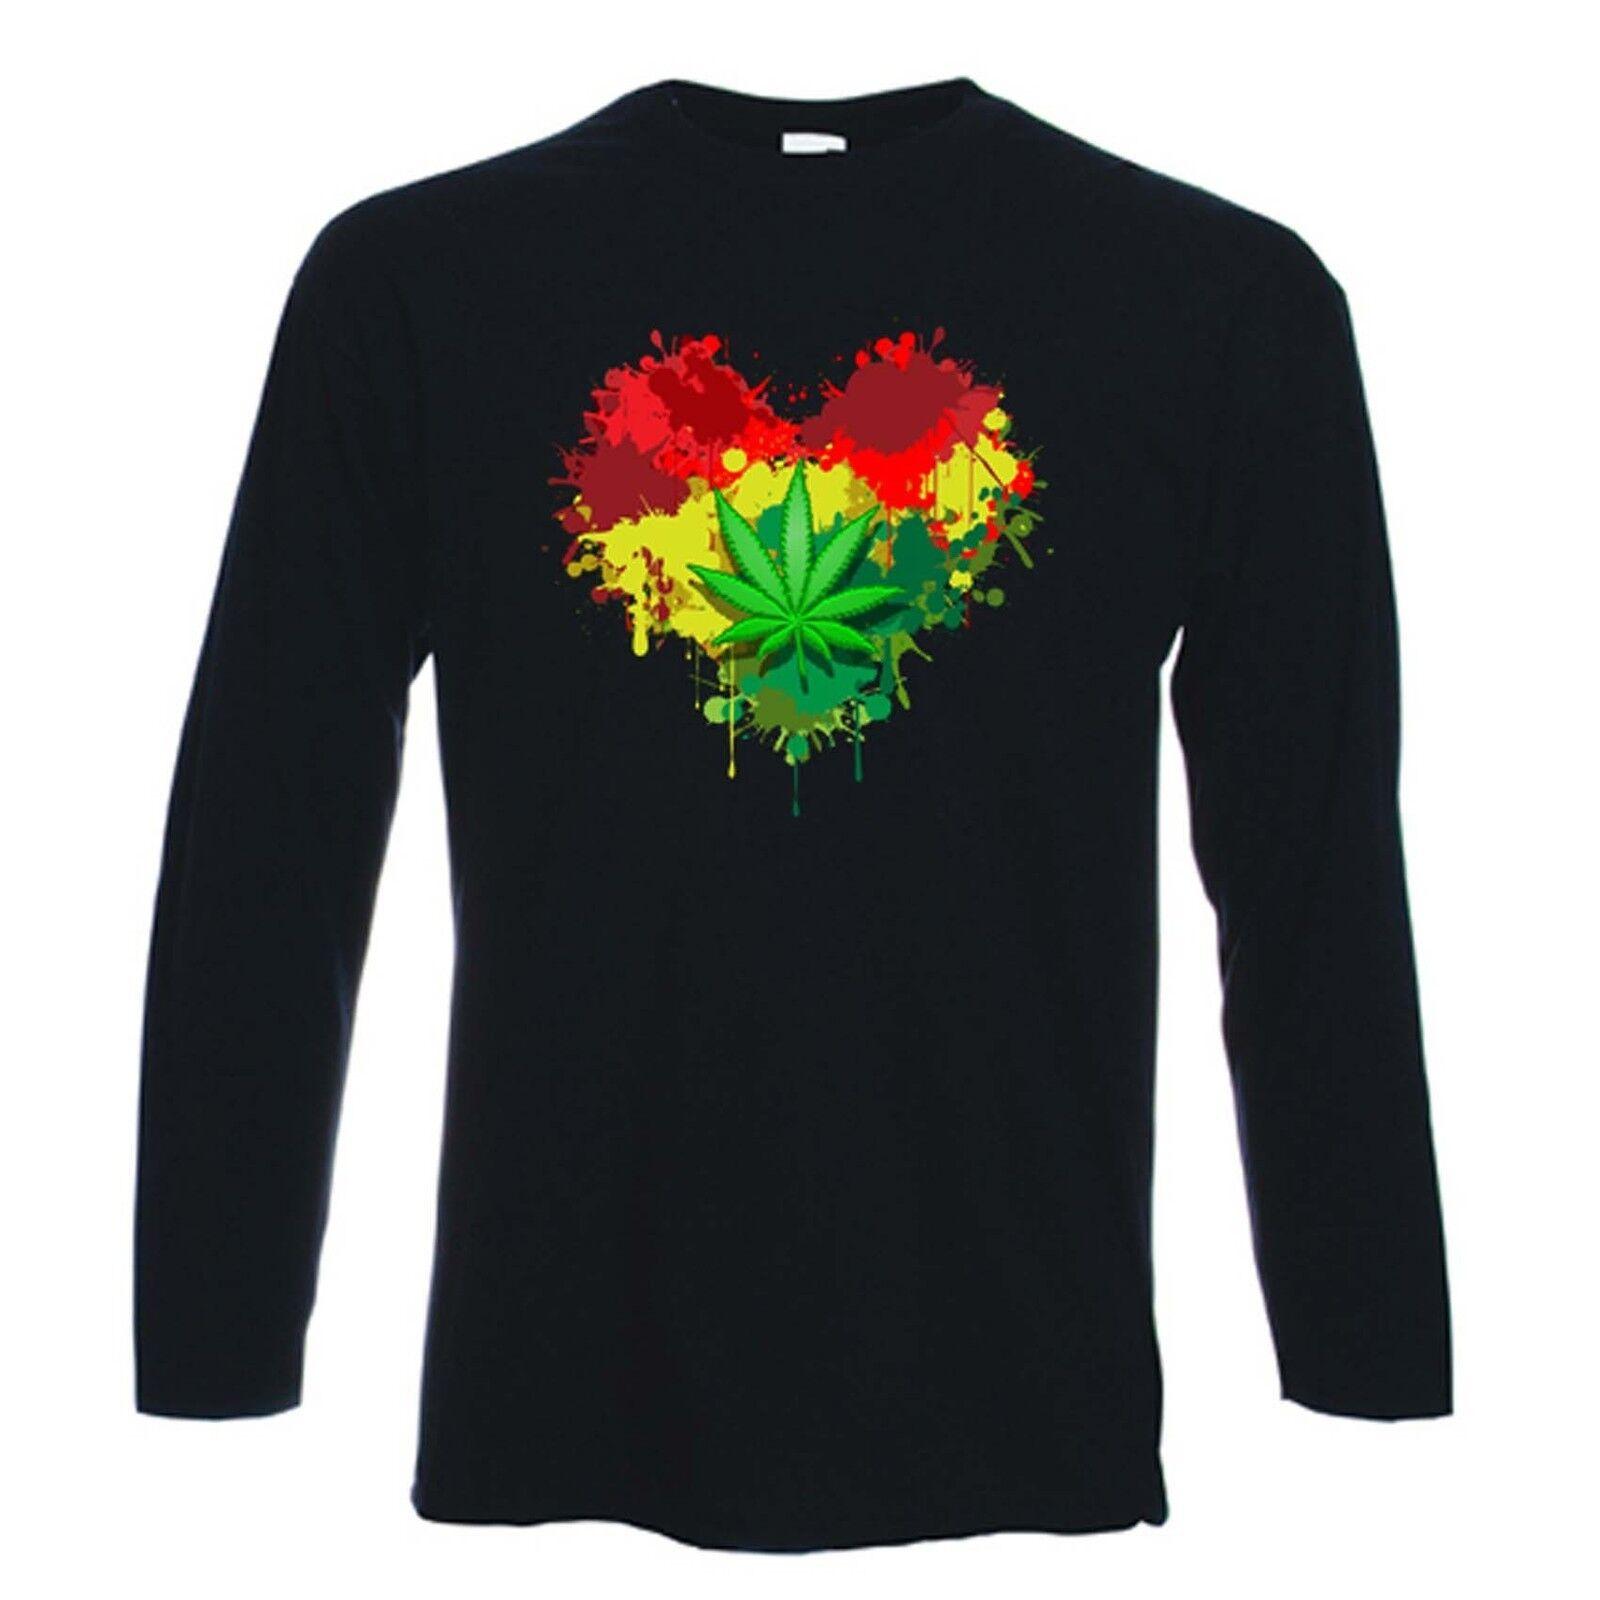 GANJA BOB I Kids Boys T-Shirt Jamaica Marley Hemp Reggae Wailers